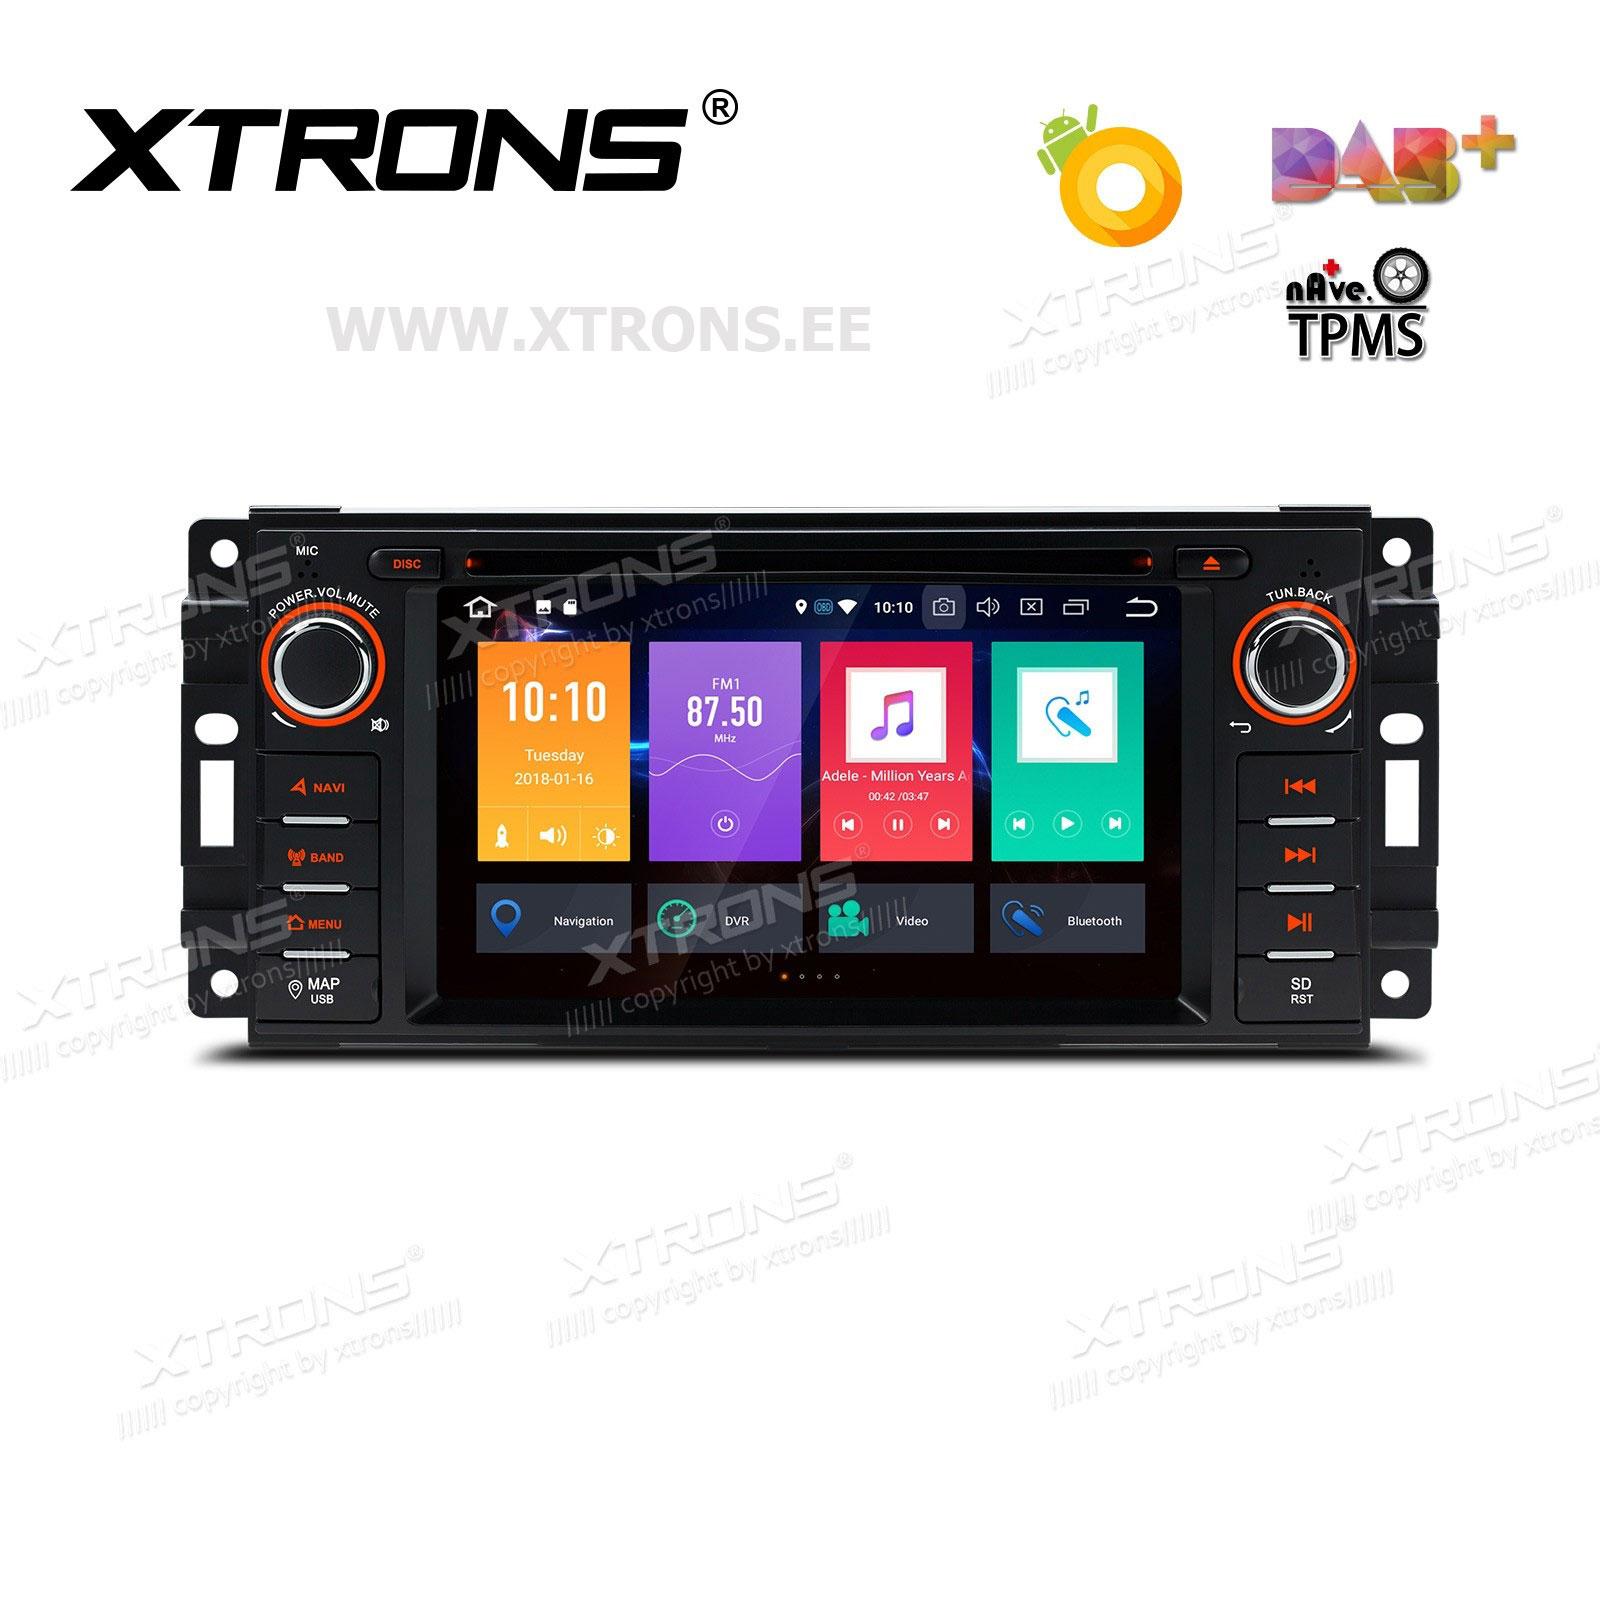 XTRONS PB68WRJP